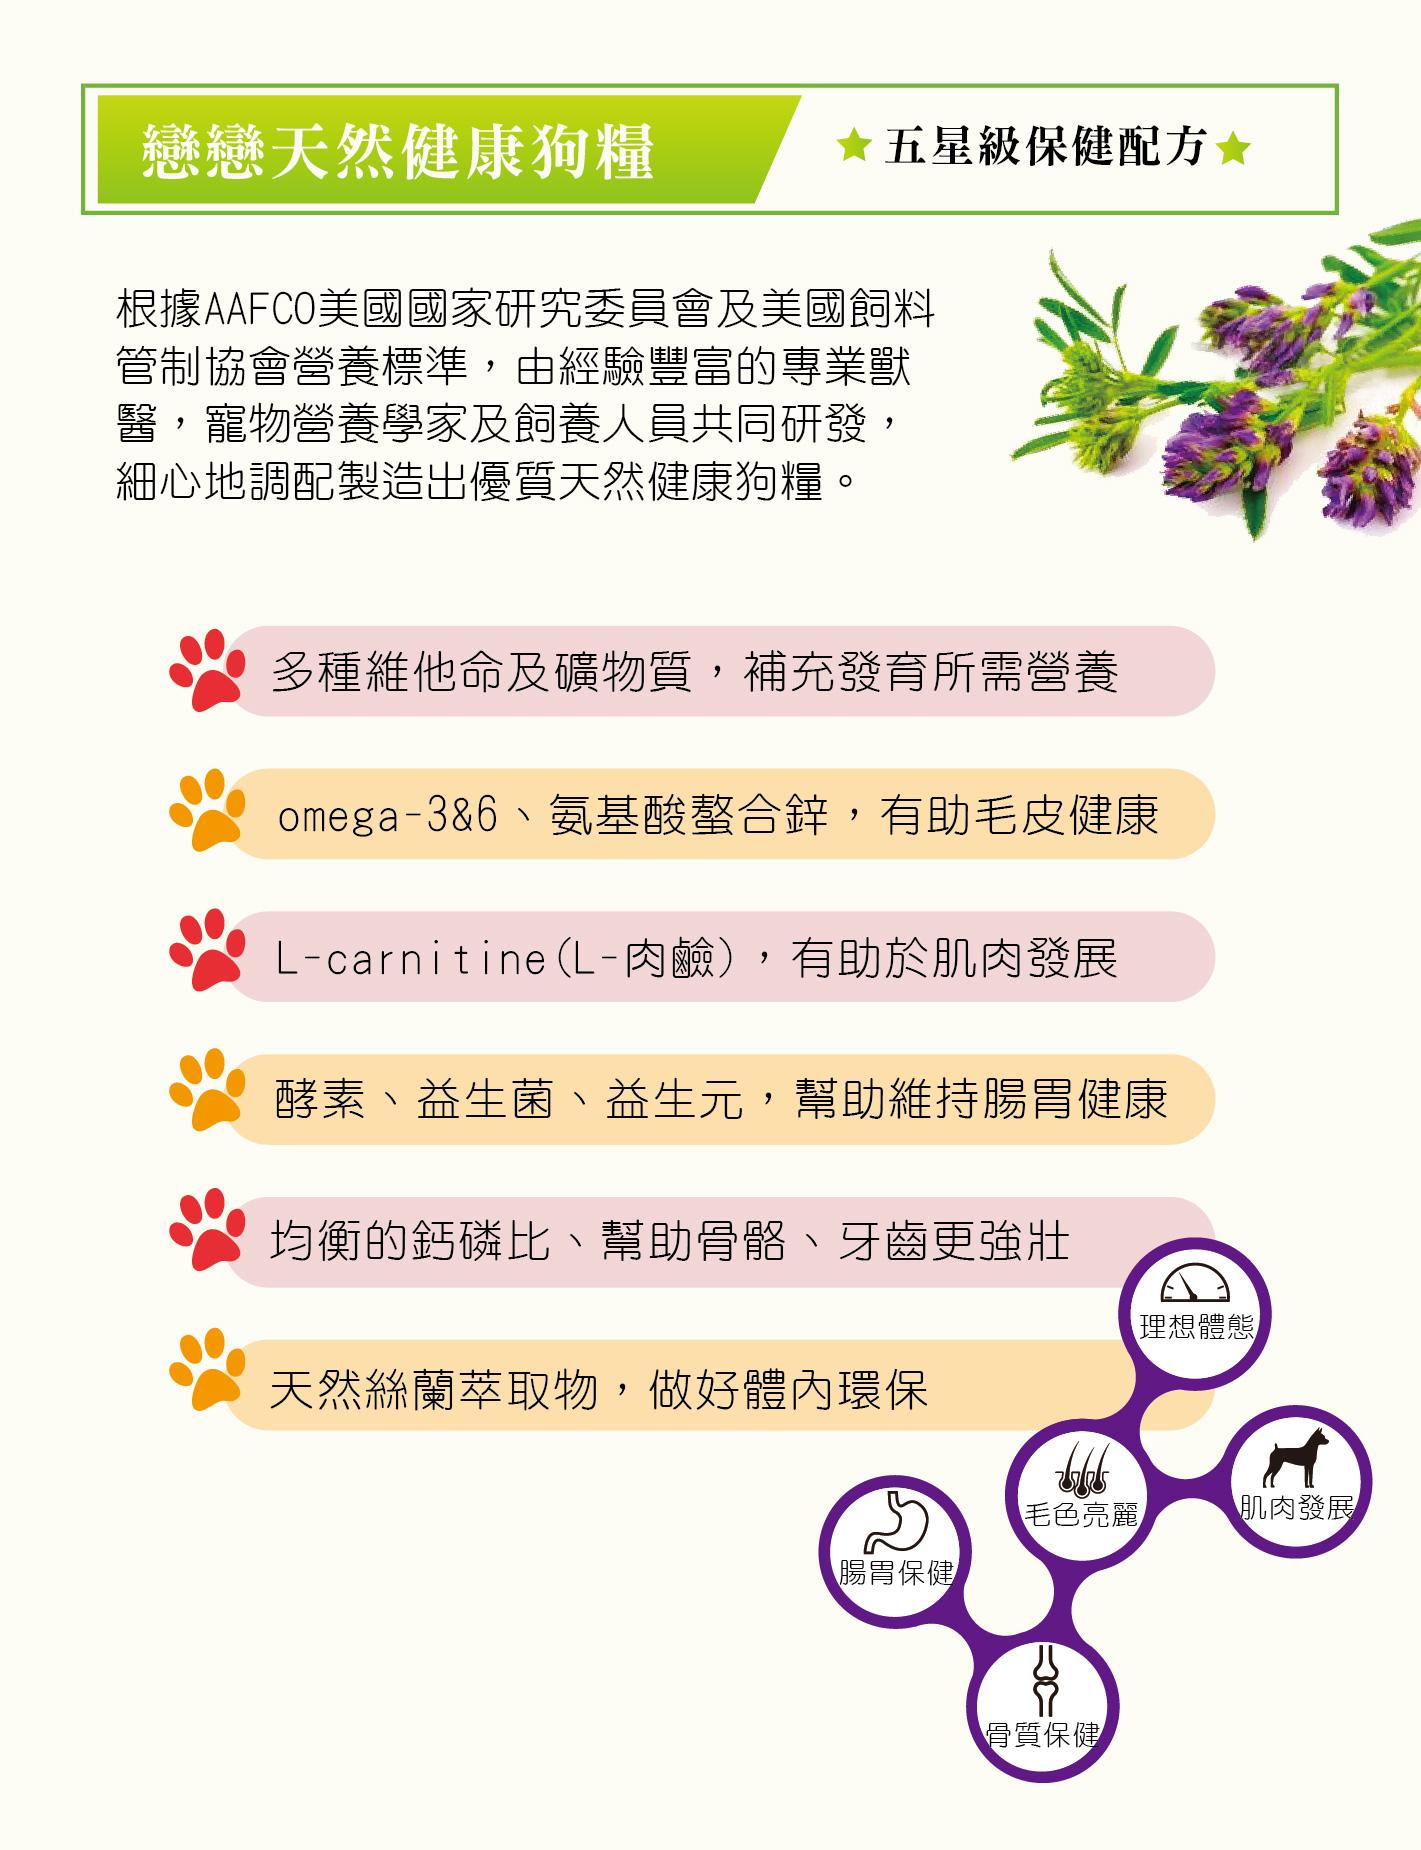 戀戀天然健康乾狗糧 台灣製造的好飼料